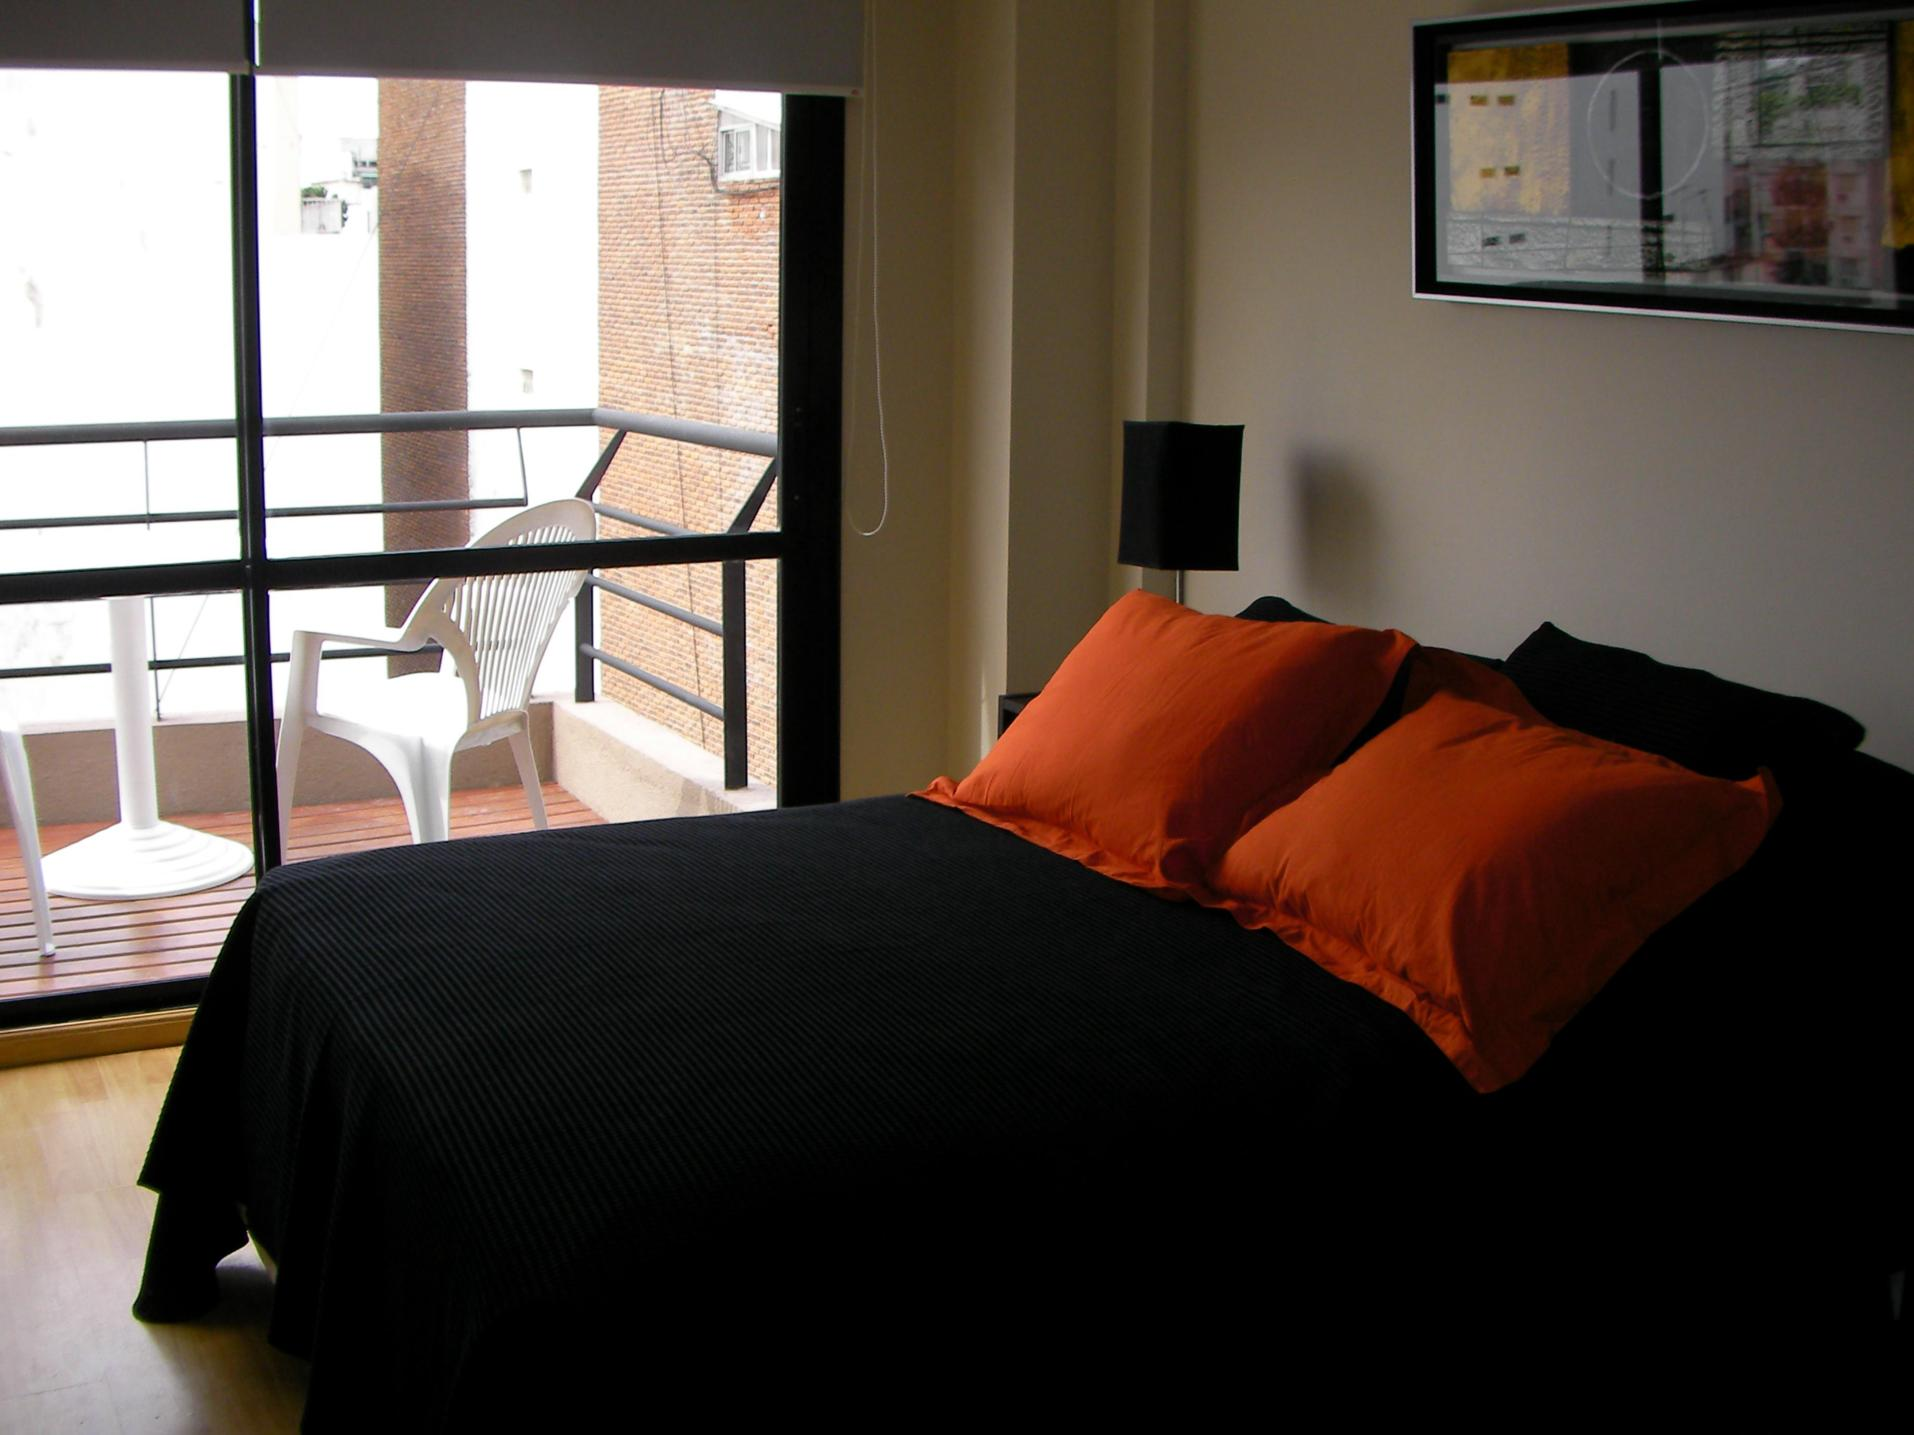 Alquiler de departamentos temporarios Apartamentos  Franklin y Acoyte Alquiler temporario de departamentos en Buenos Aires